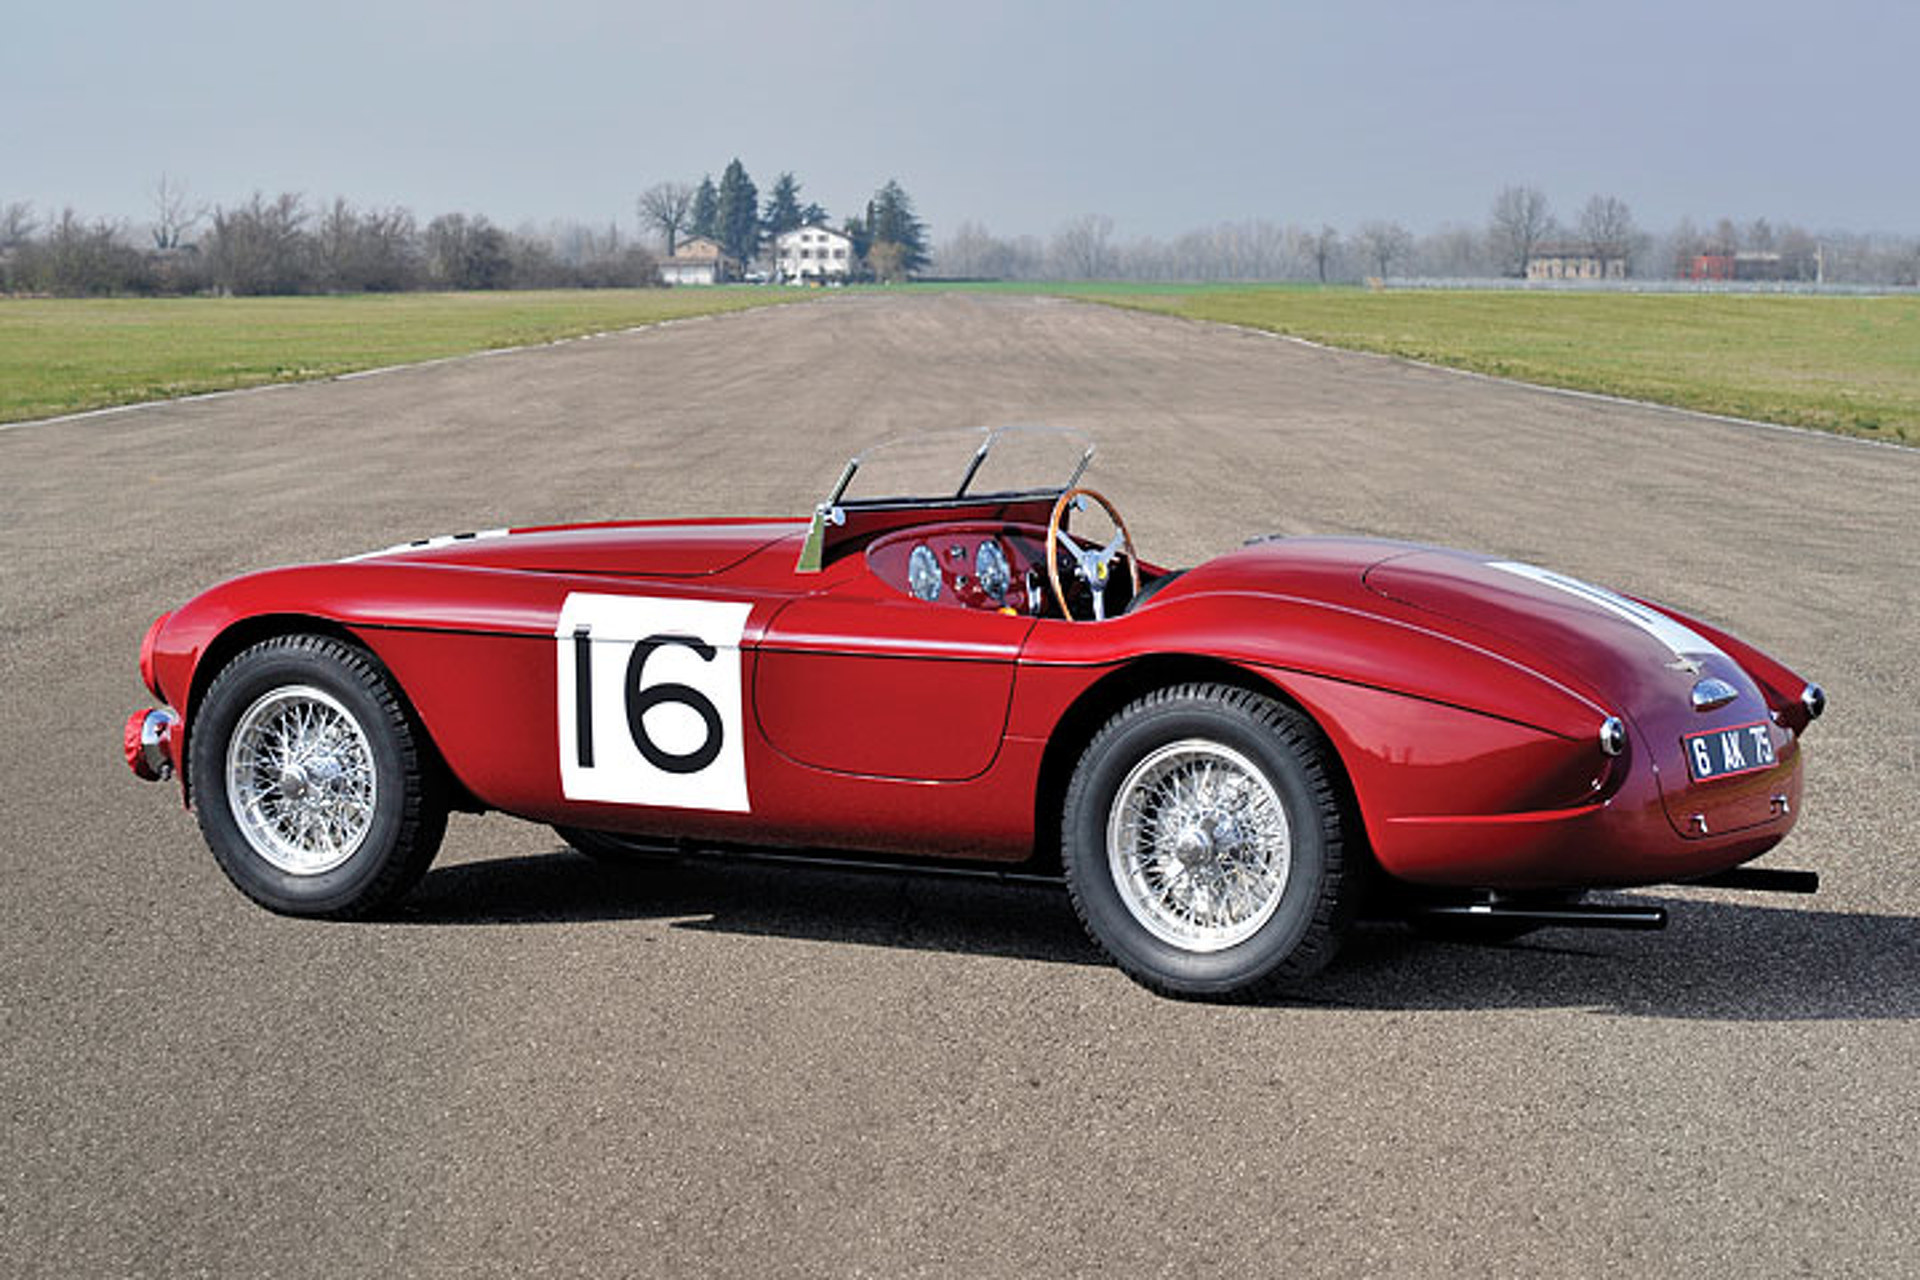 This 1,of,23 Ferrari has a Unique Bugatti Connection